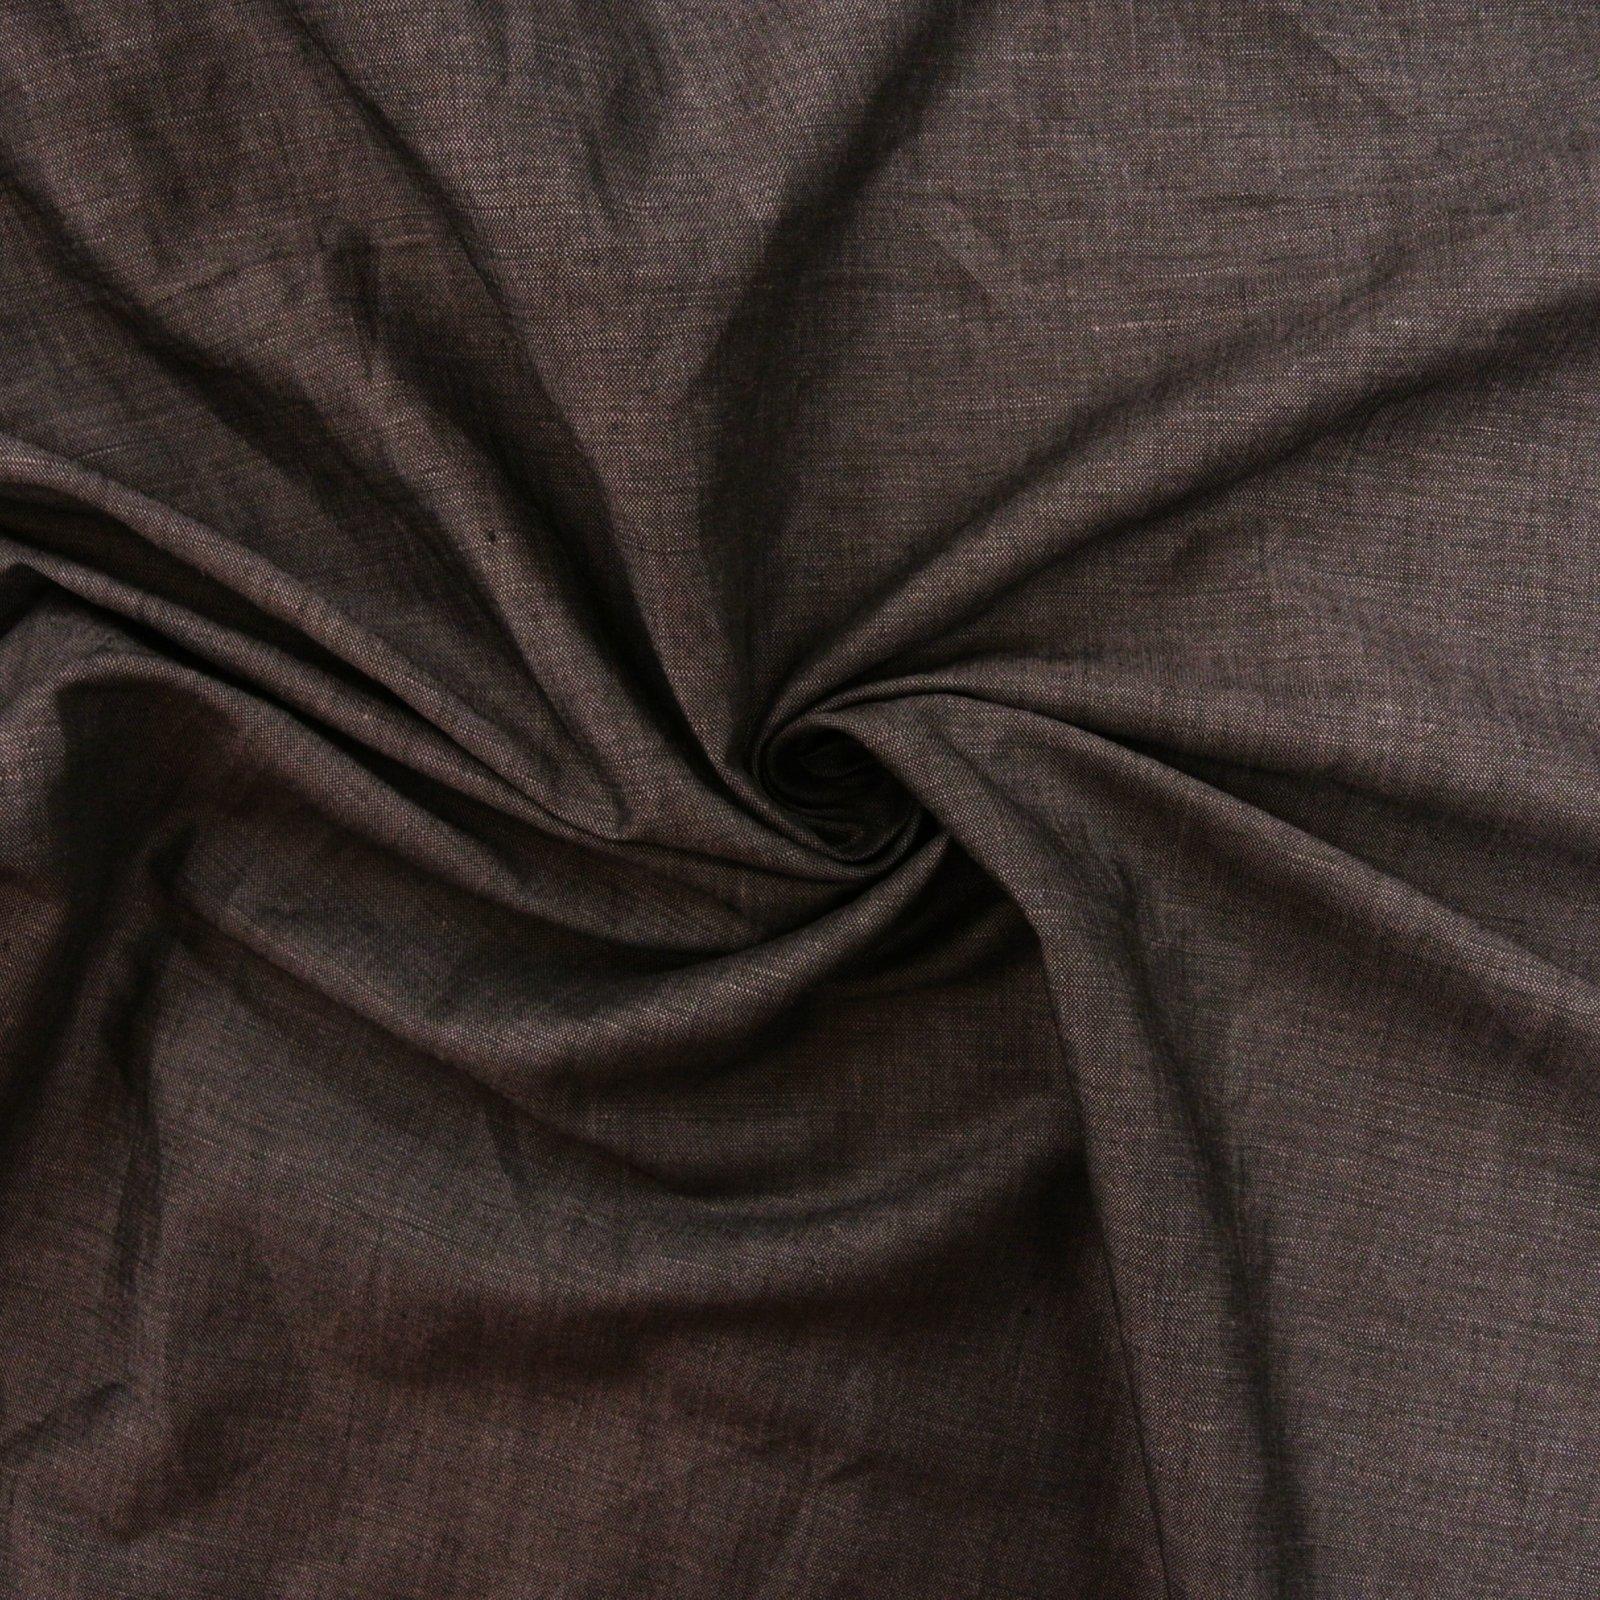 Linen Rayon Shirt Weight smokey denim blue